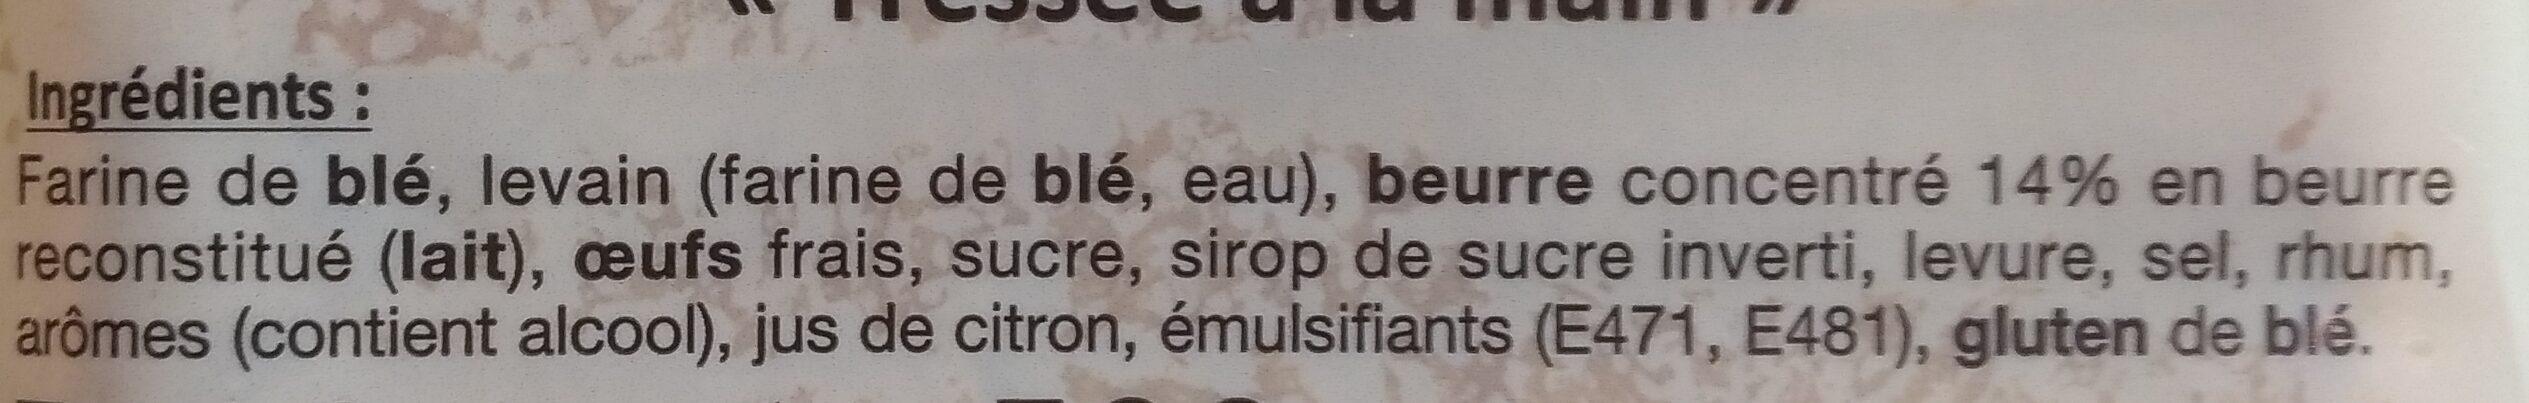 Brioche pur beurre - Ingredienti - fr